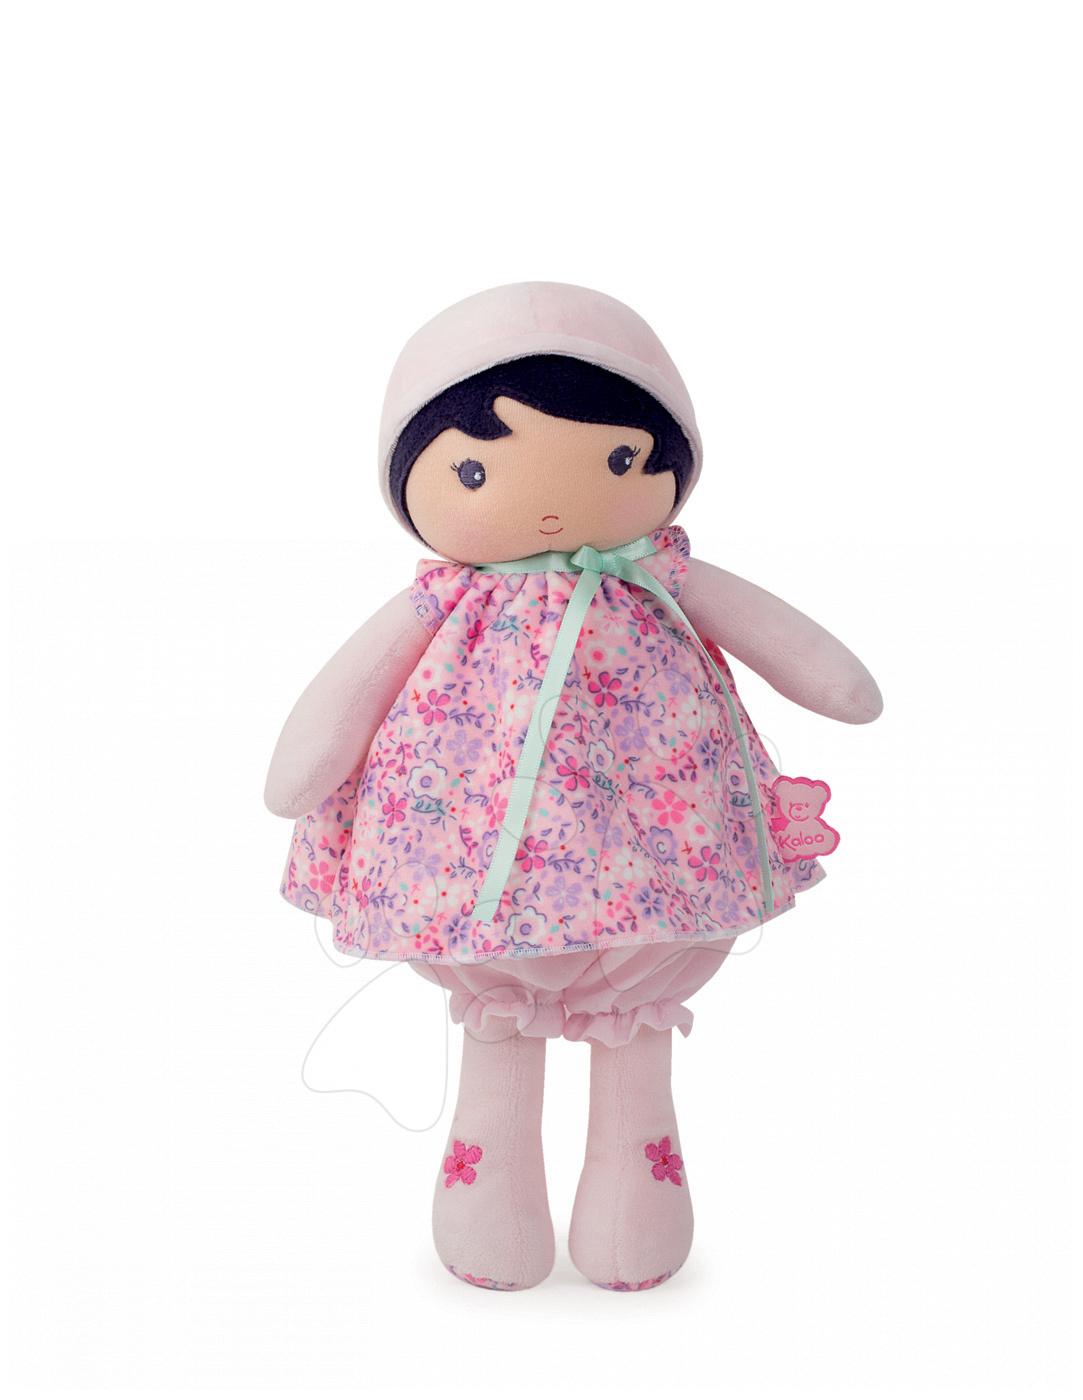 Bábika pre bábätká Fleur K Tendresse Kaloo v kvetinkových šatách z jemného textilu v darčekovom balení 32 cm